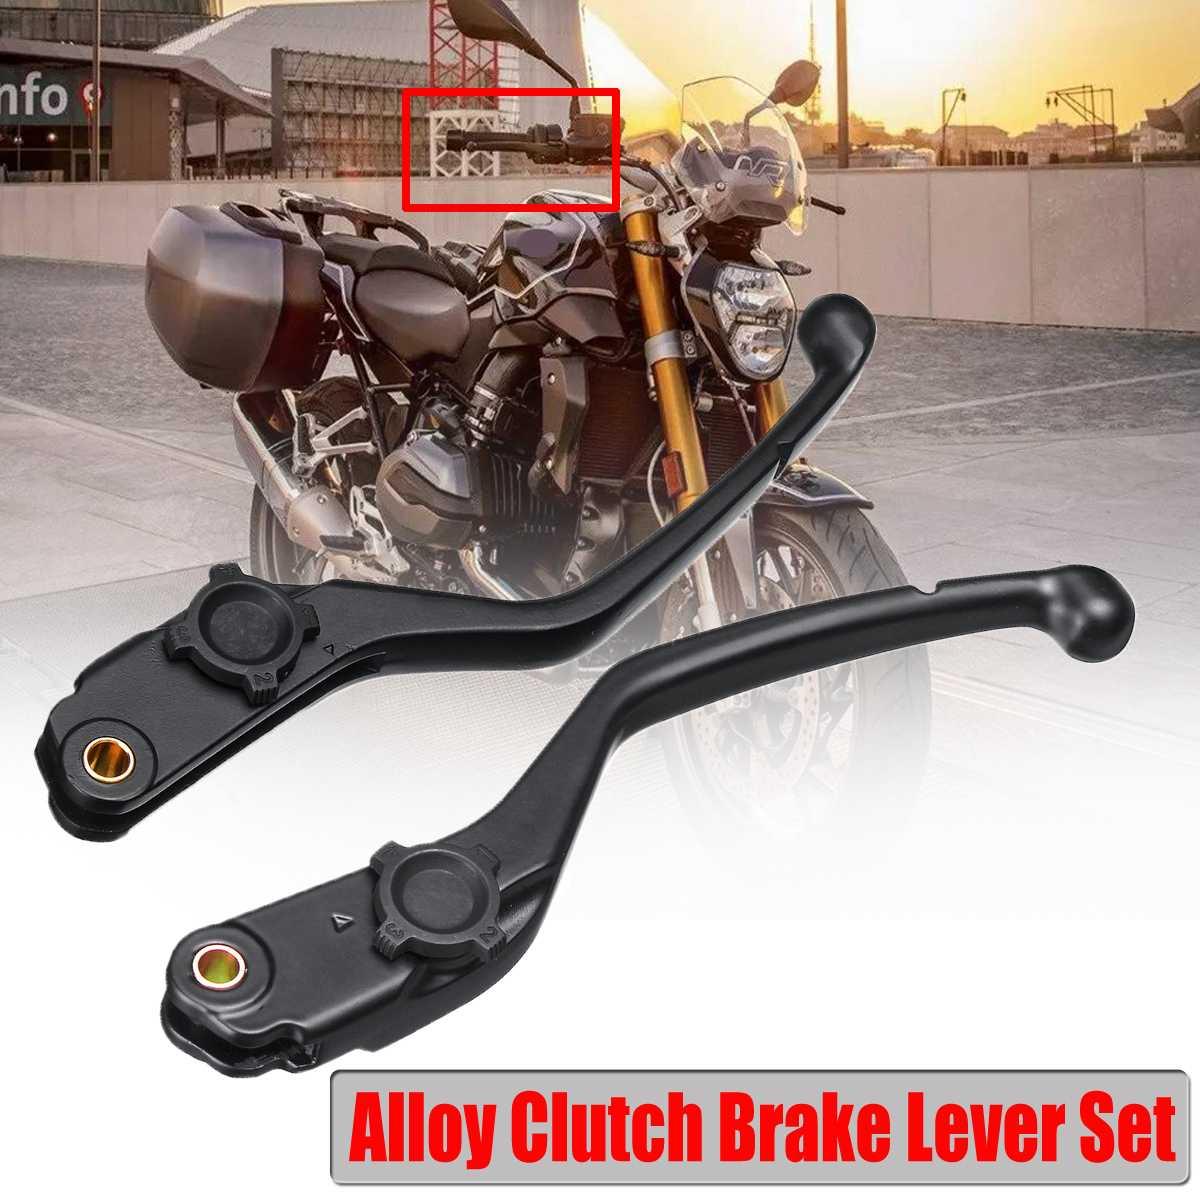 Une paire de leviers d'embrayage de frein de moto en alliage pour BMW R1200GS R1200RT R1200R R1200RS Adventure K1600 GT/GTL 13-18 ensemble de leviers de frein